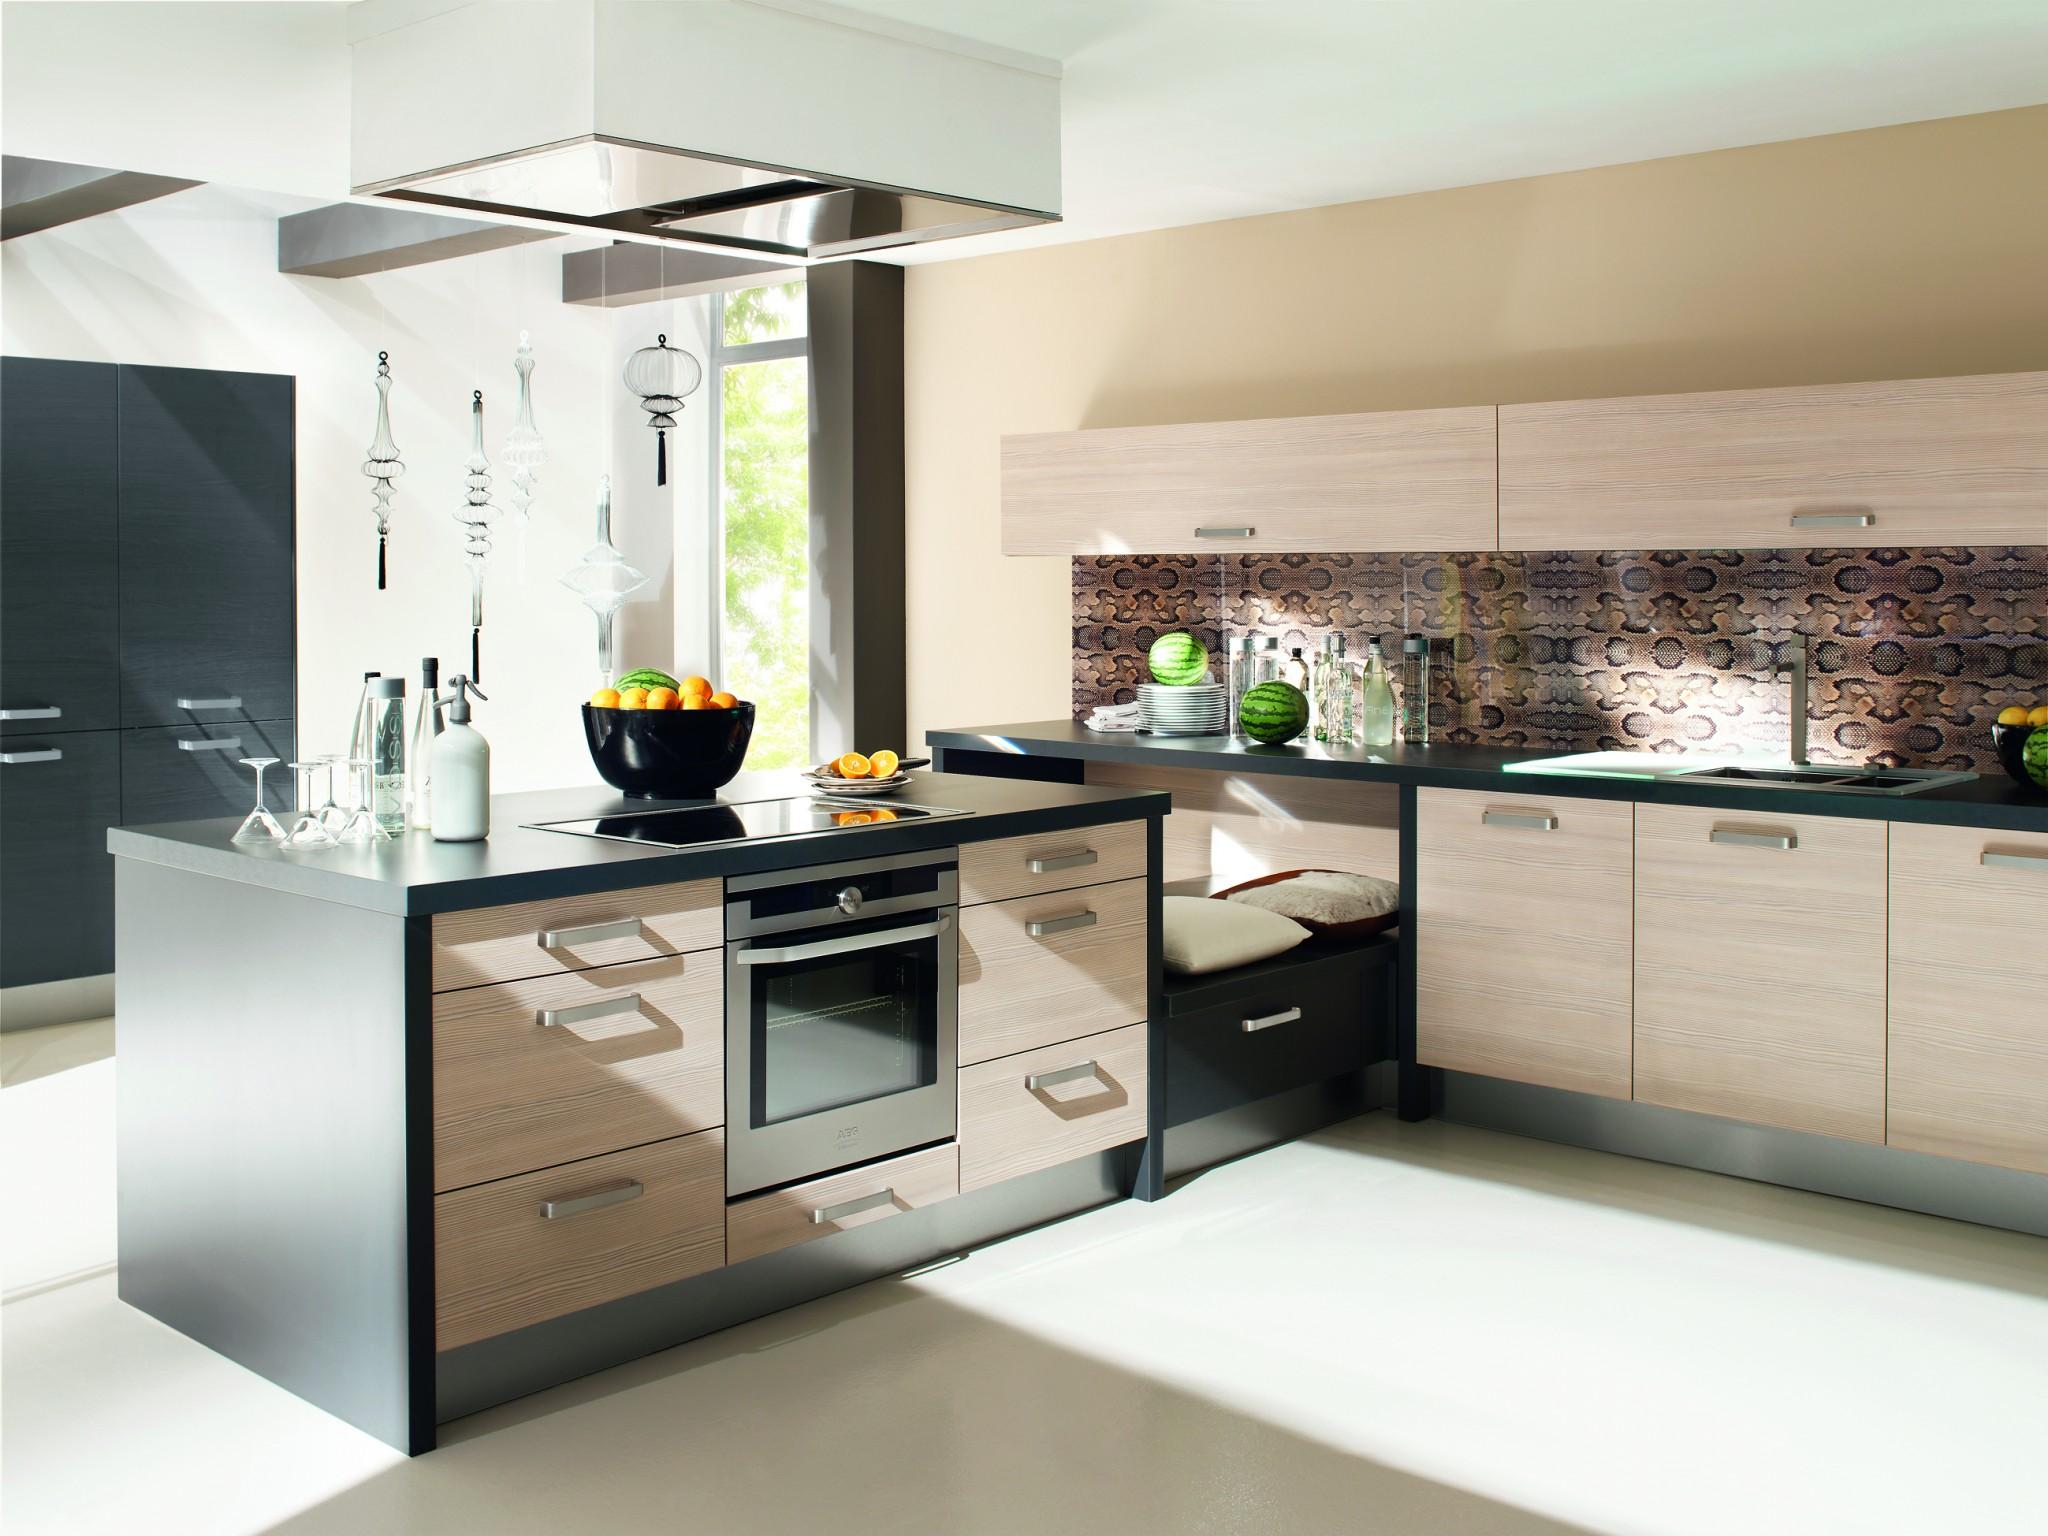 Moderne Küchen maßgefertigt von Küchen Riks in Rheine